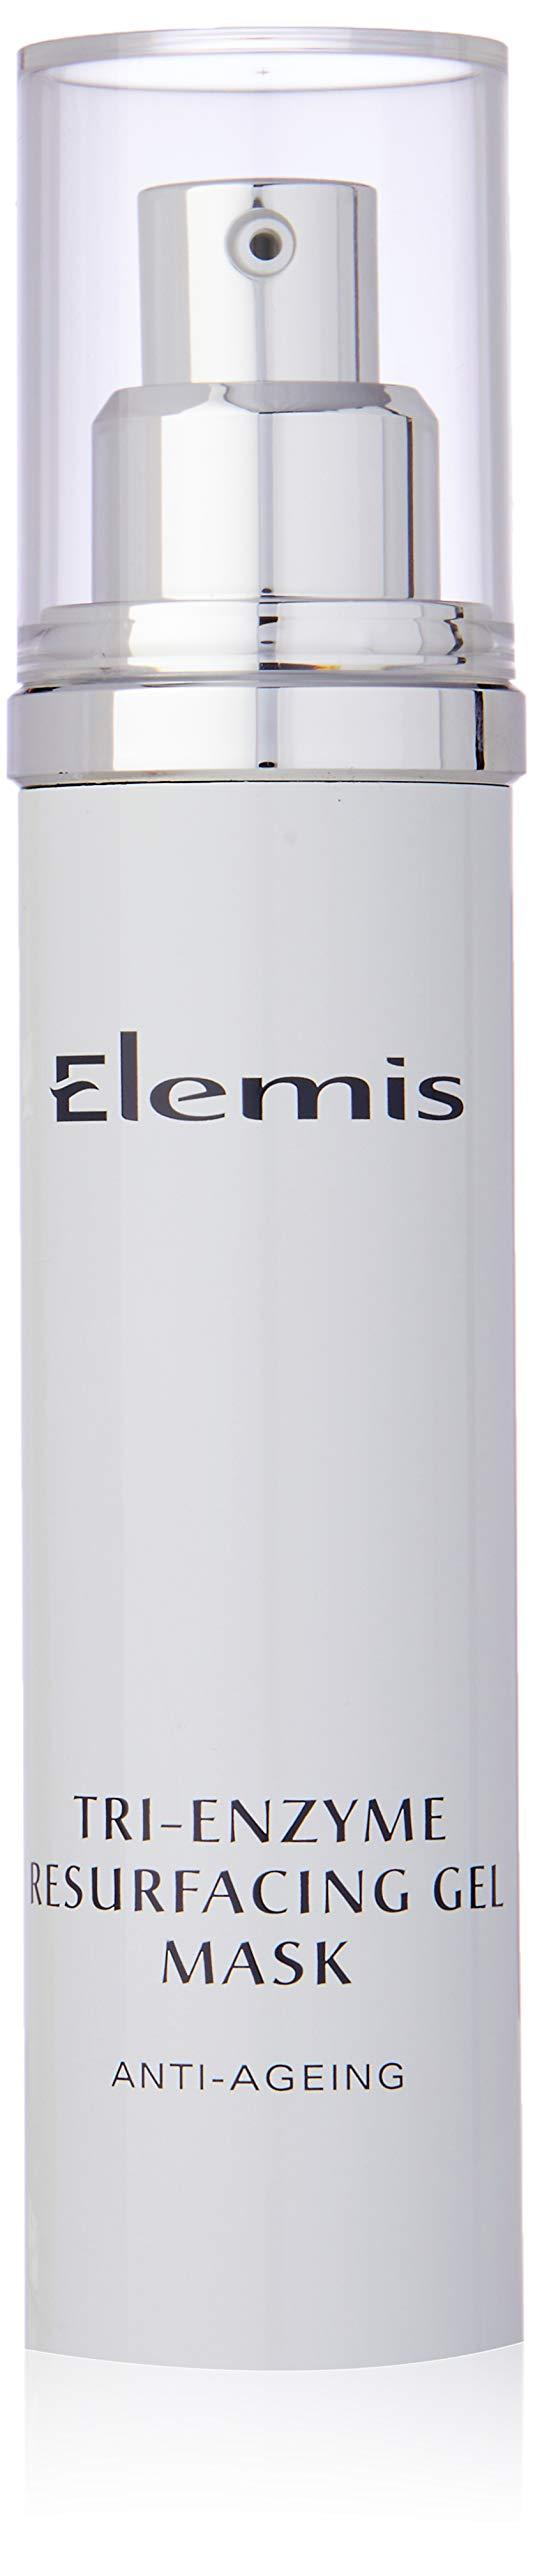 ELEMIS Dynamic Resurfacing Gel Mask, Skin Smoothing Mask, 1.6 fl.oz.